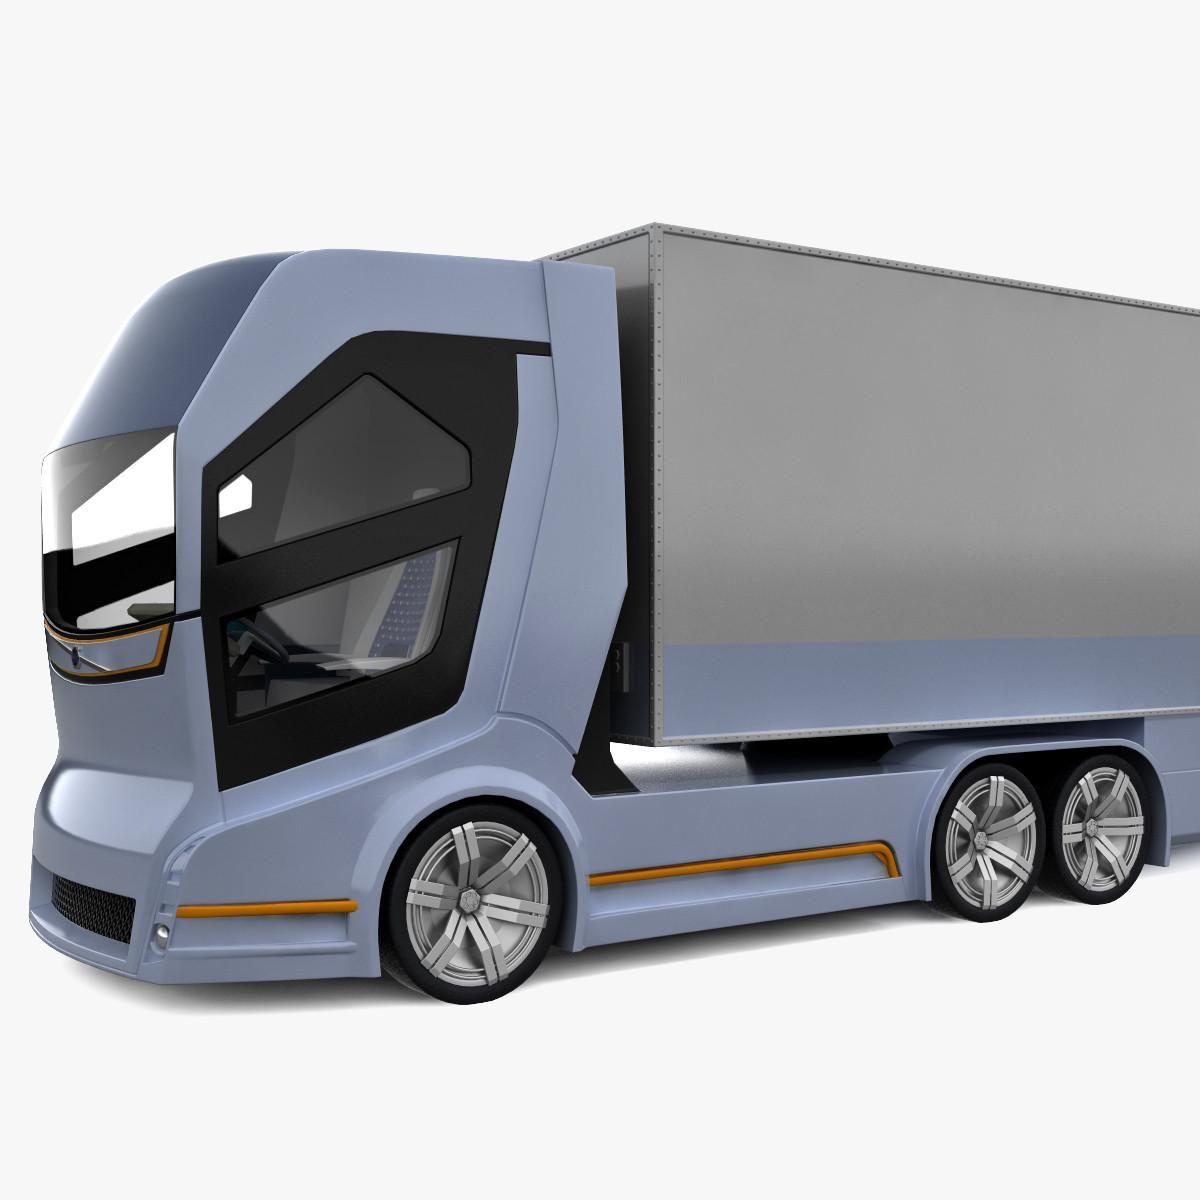 Concept Truck Volvo Vision 2020 3d Model Ad Volvo Truck Concept Model Volvo Trucks Concept